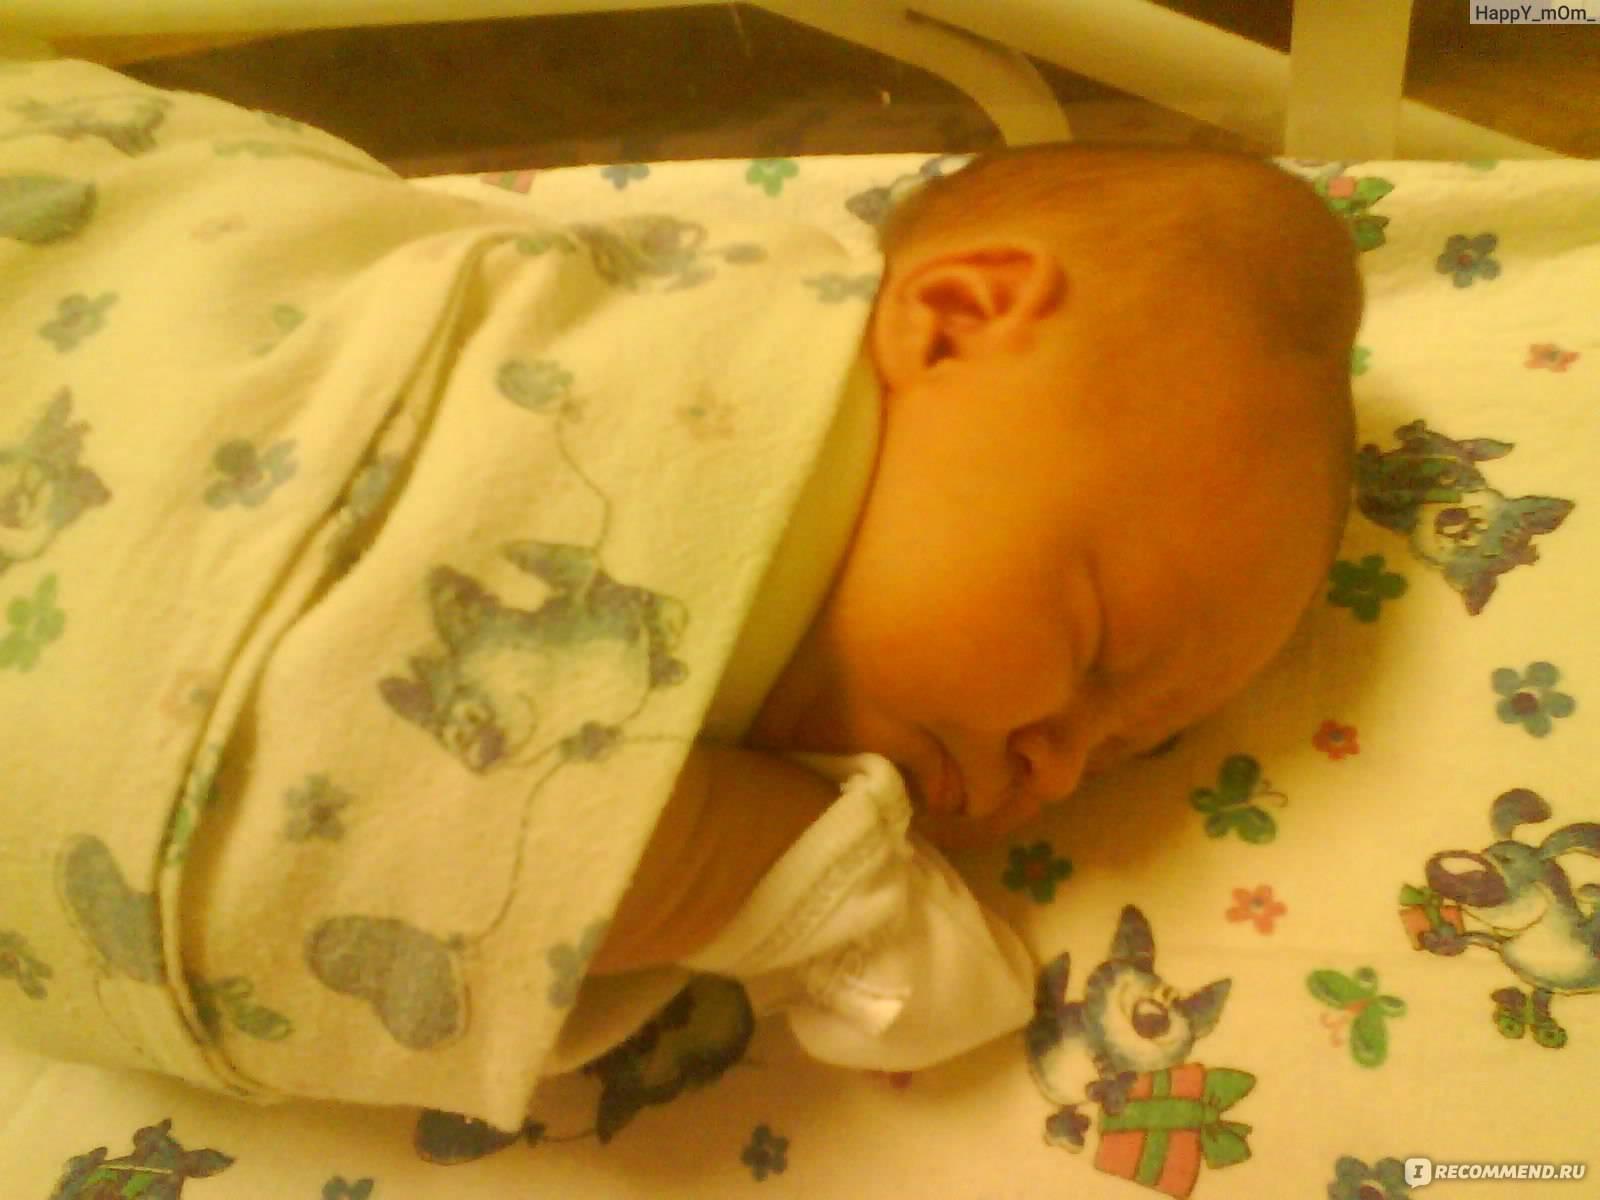 Причины, по которым у новорожденного холодный носик на улице или дома. стоит ли волноваться родителям? что означает холодный нос у младенца